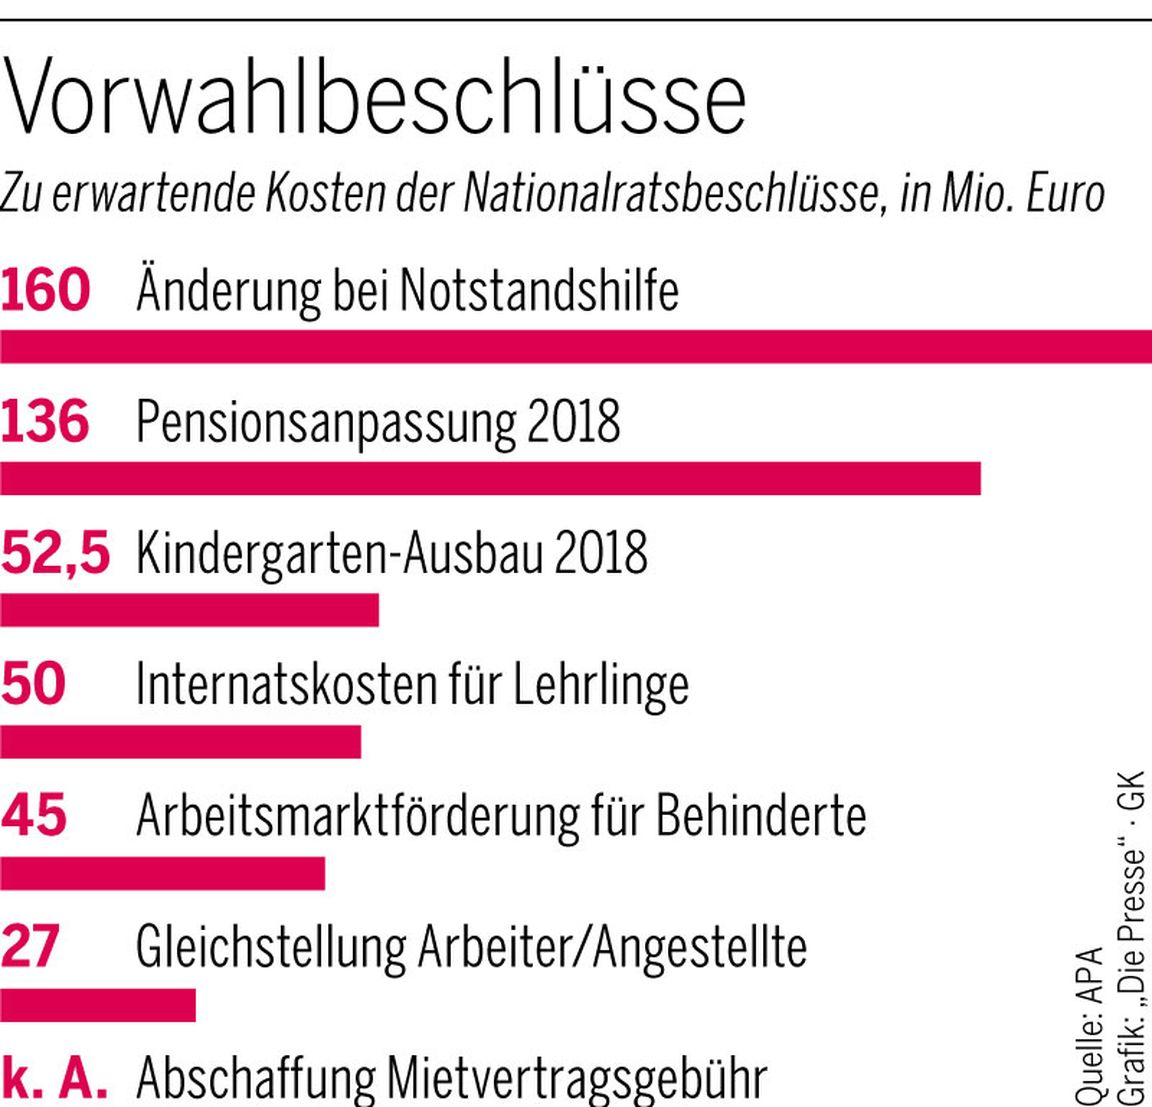 Nationalrat: Eine Sitzung, 470 Millionen Euro « DiePresse.com